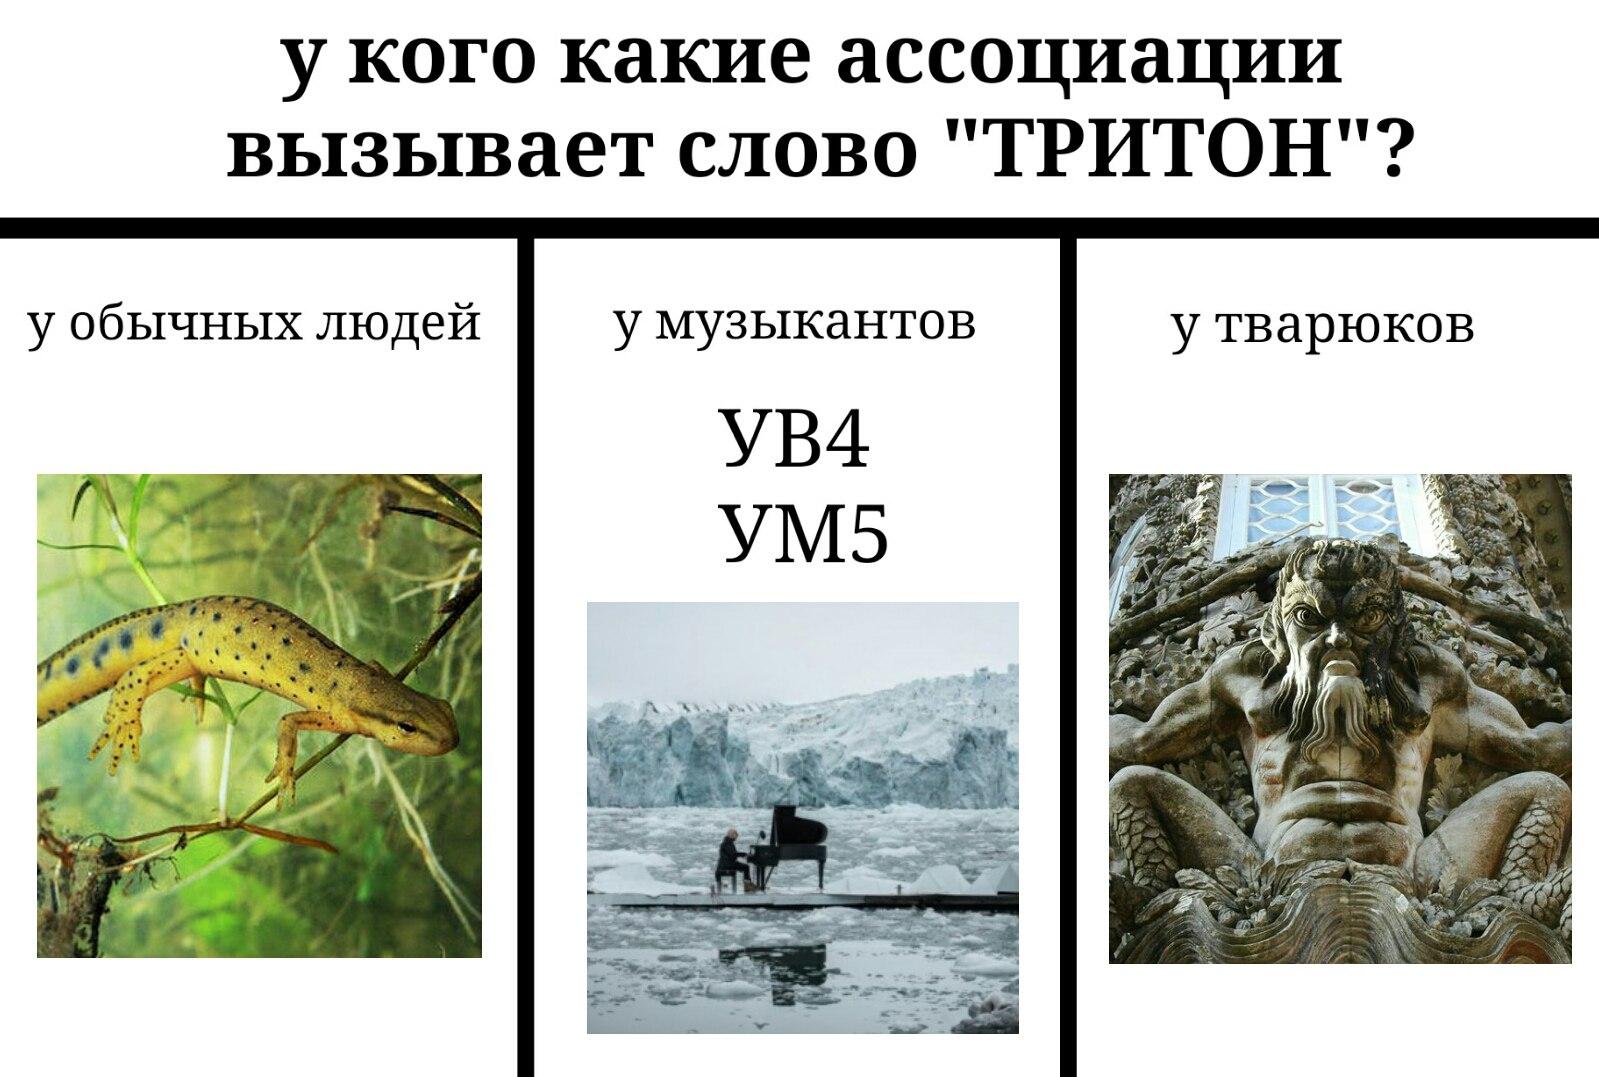 http://cs626217.vk.me/v626217298/26d9b/CBMl-q6mTYs.jpg